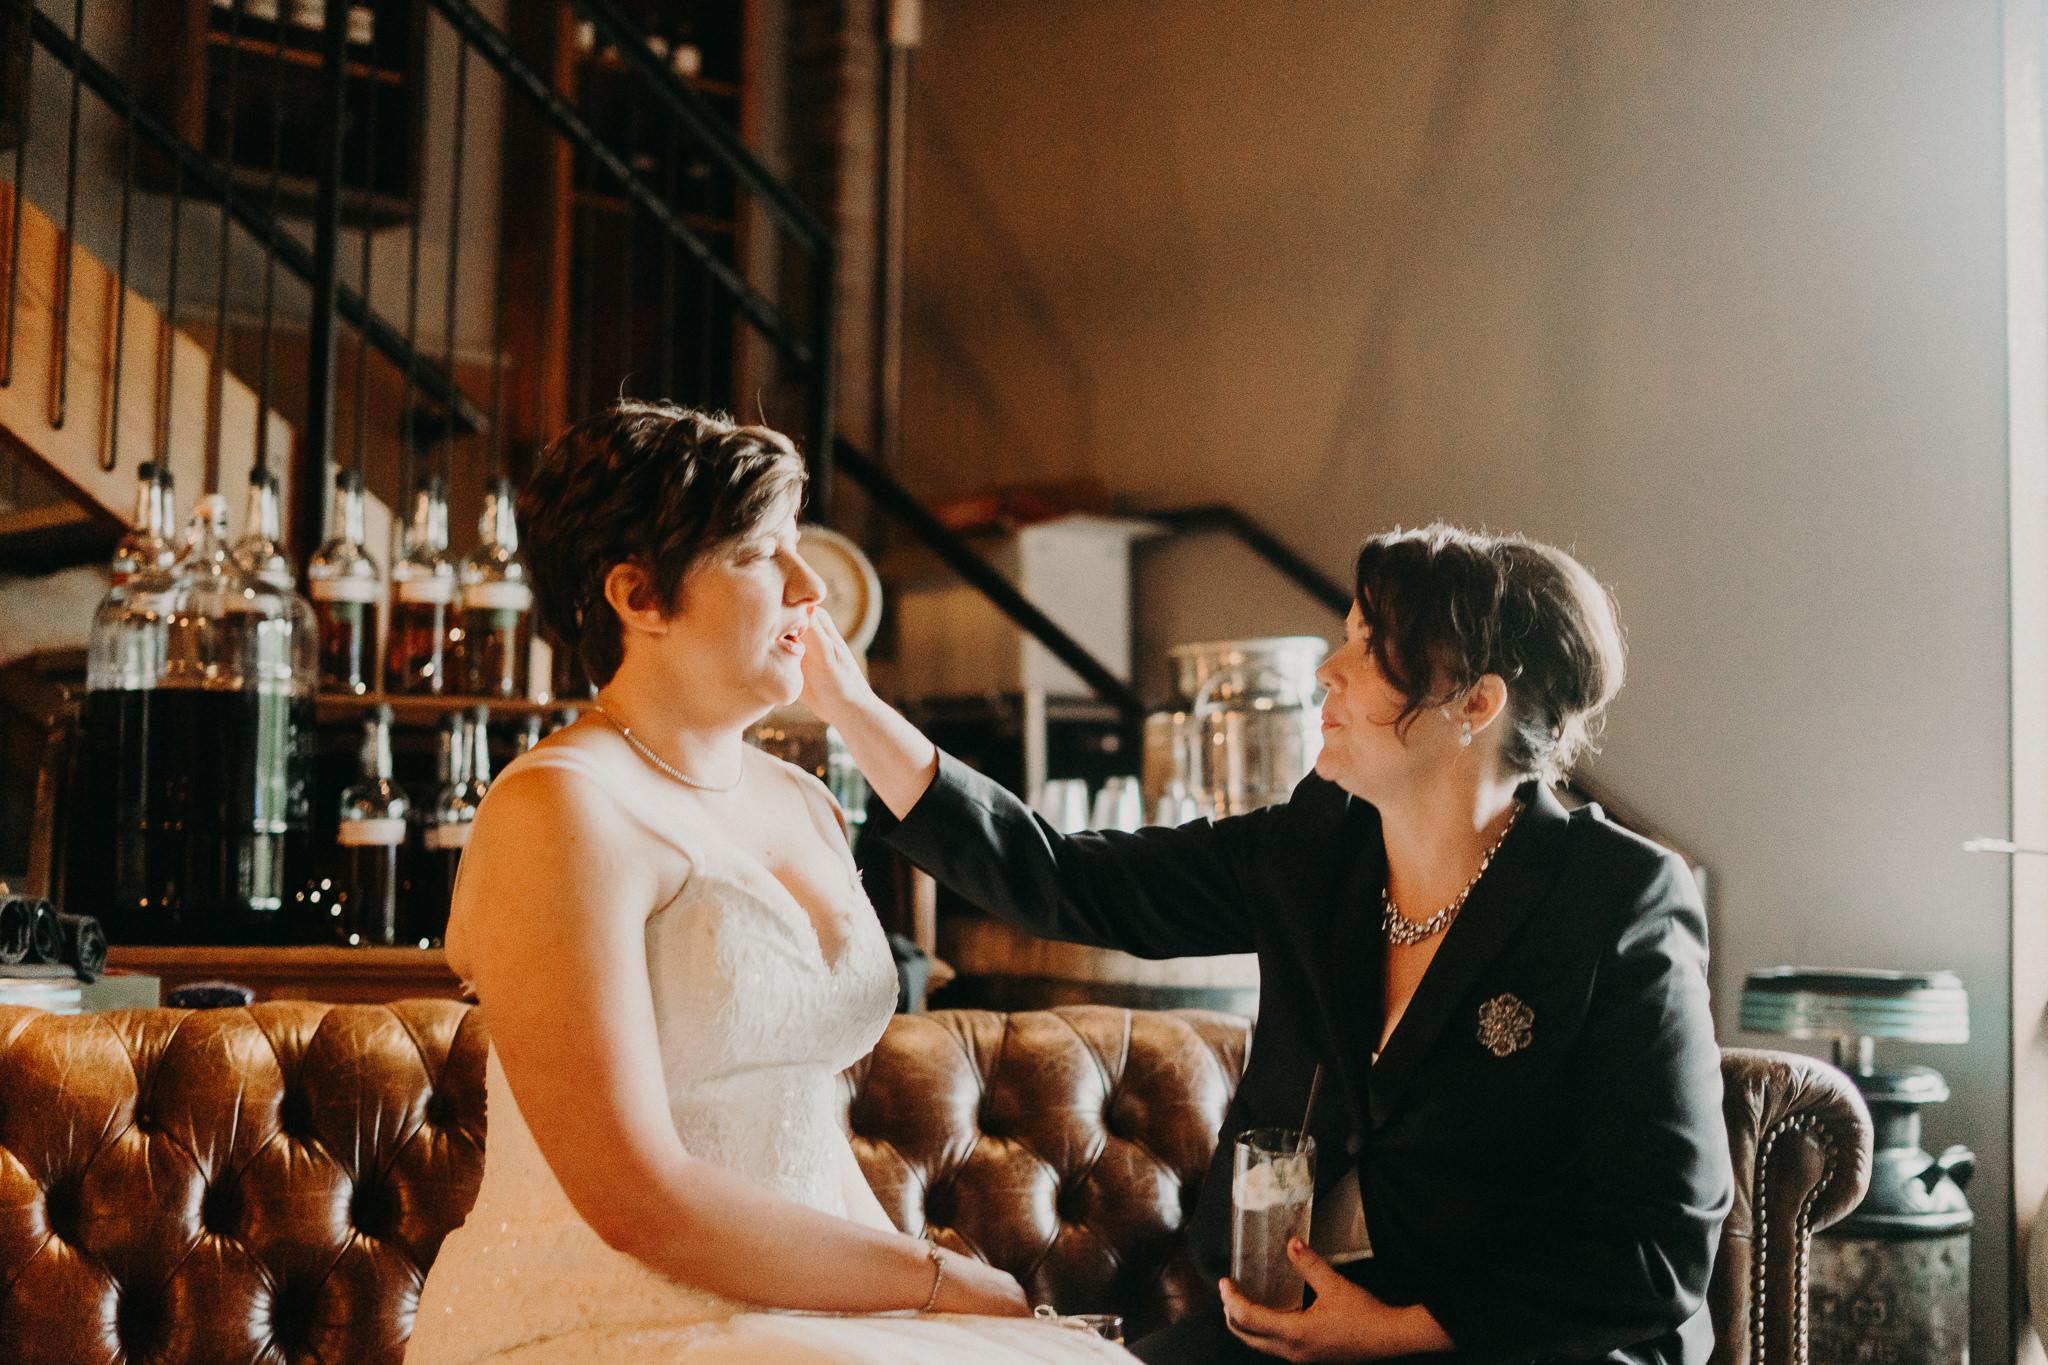 OOLA Distillery tasting room bridal portraits